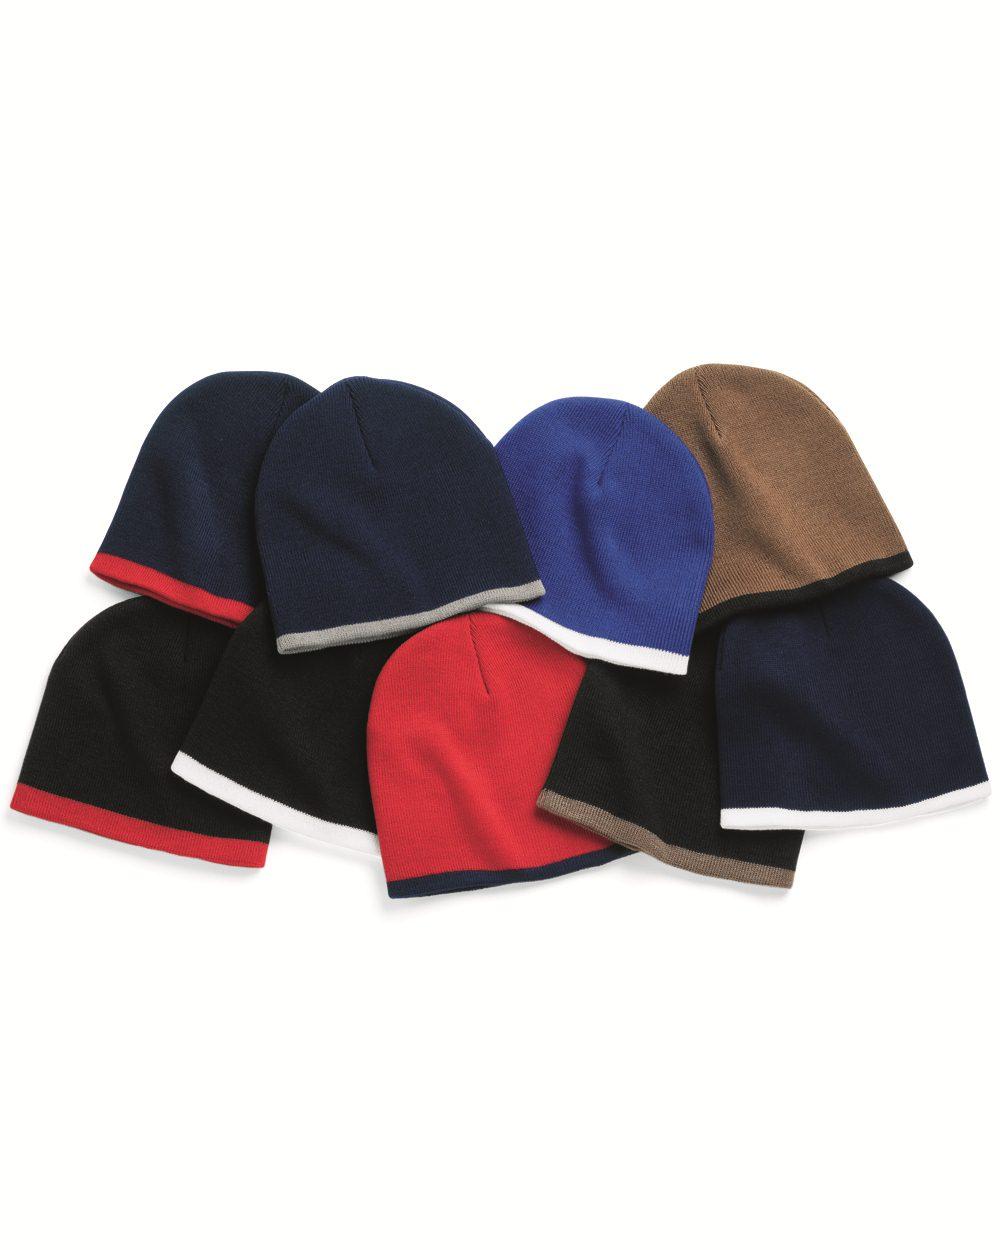 Sportsman SP09-8 Bottom Stripe Knit Cap